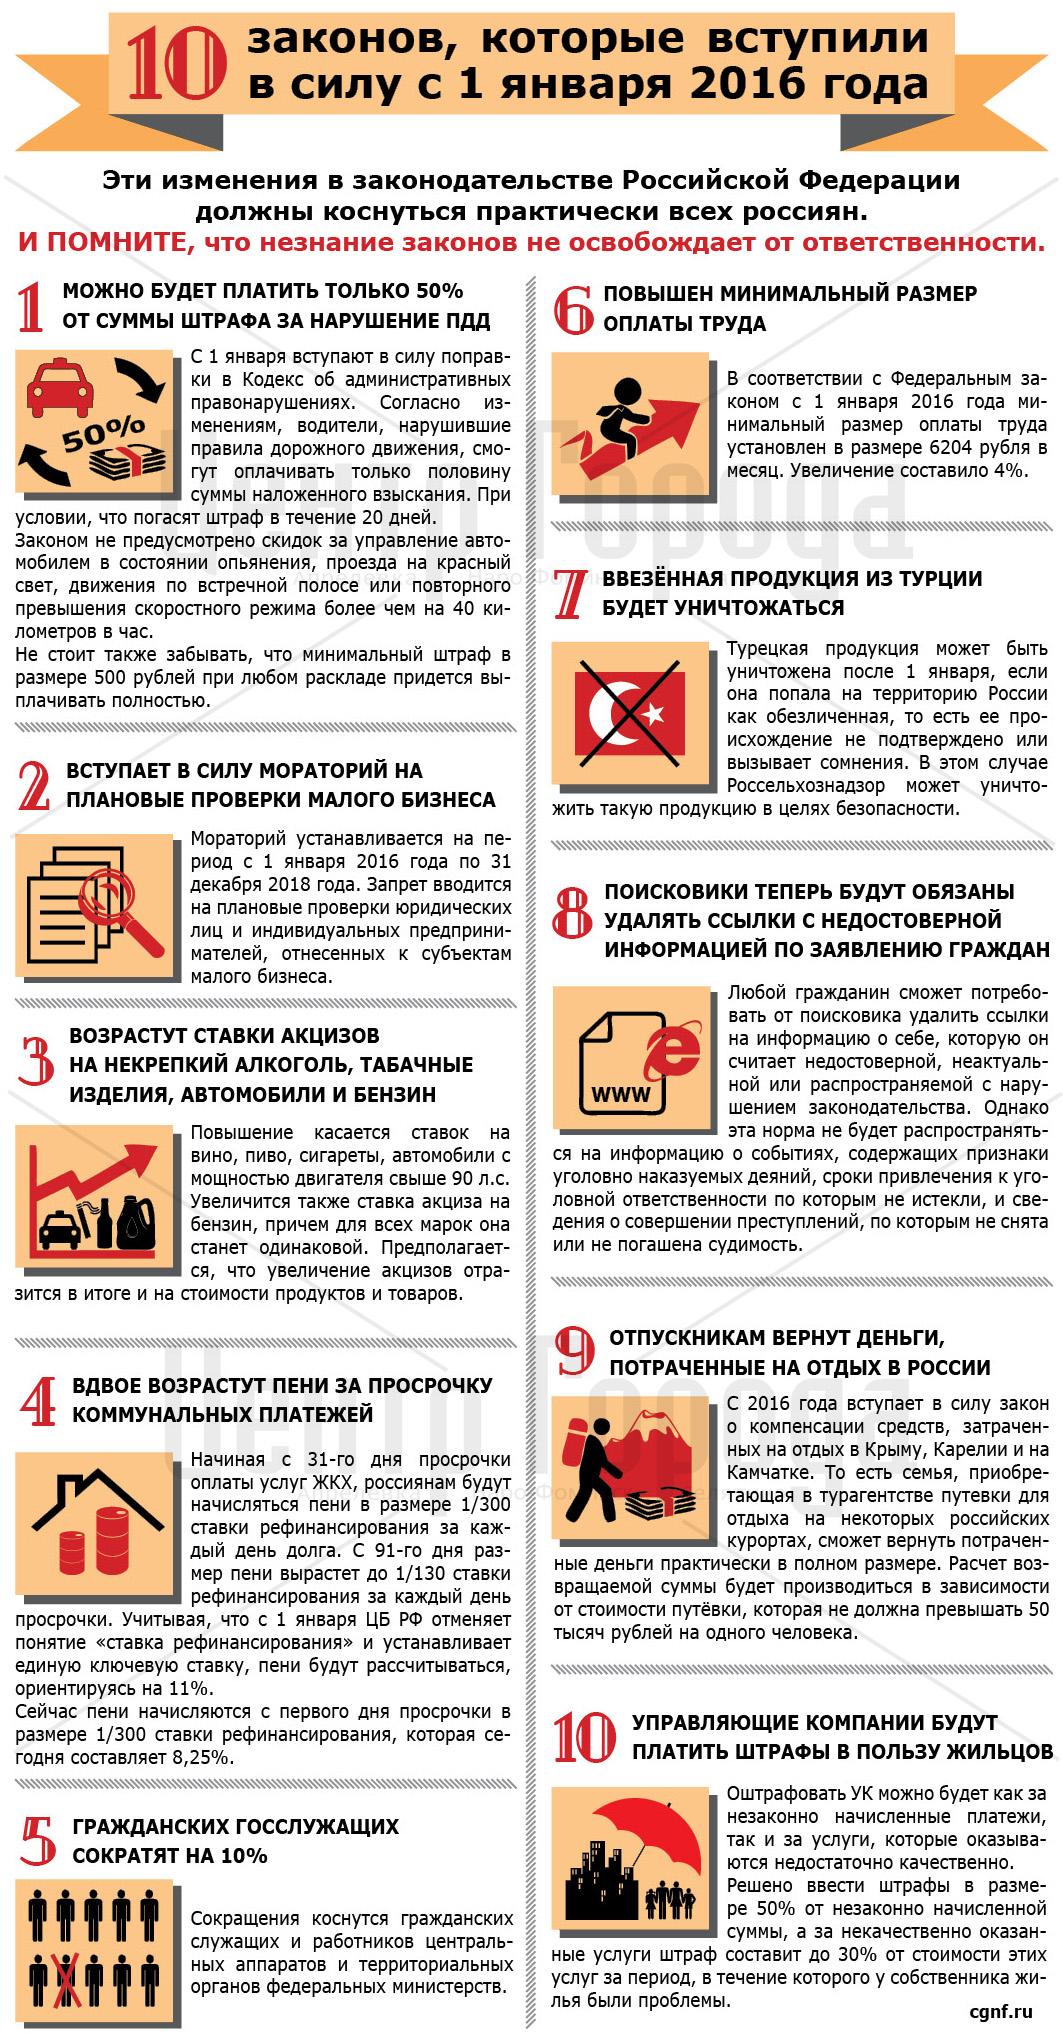 Новые изменения в законы с 1 января 2017 года